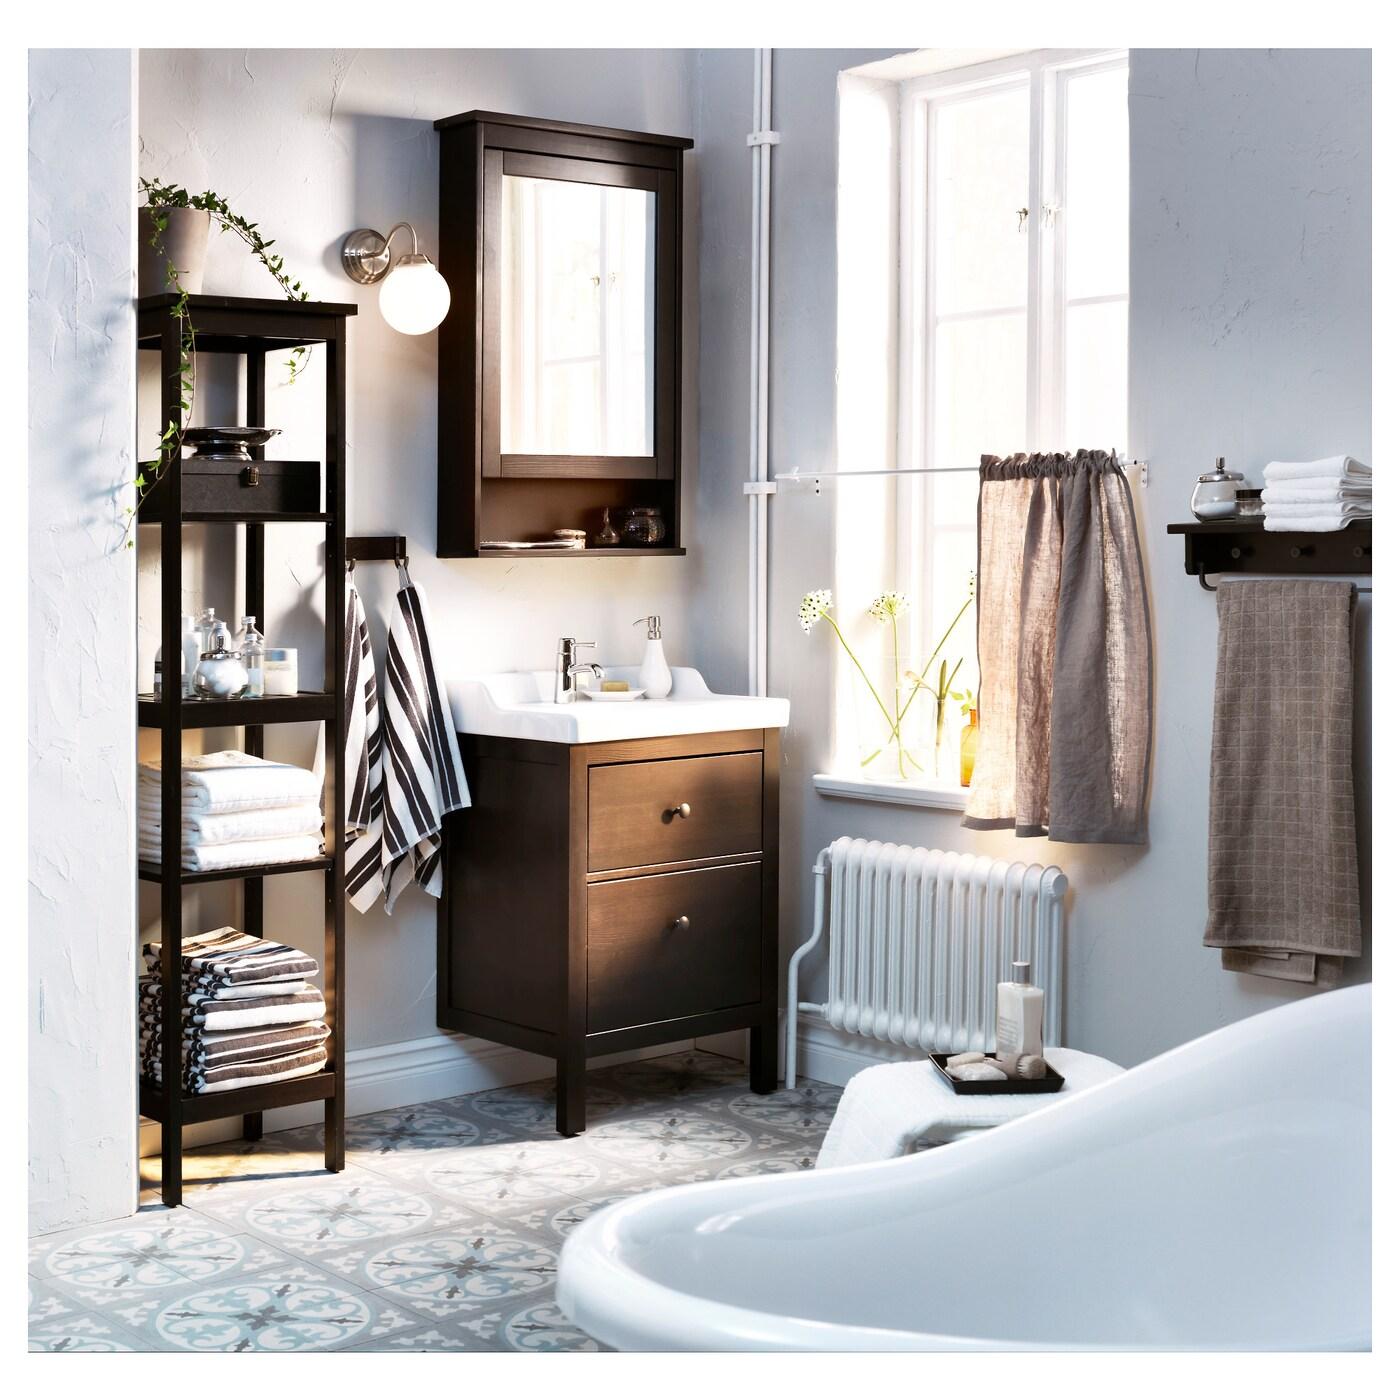 Hemnes Mirror Cabinet With 1 Door Black Brown Stain 24 3 4x6 4x38 5 8 Ikea